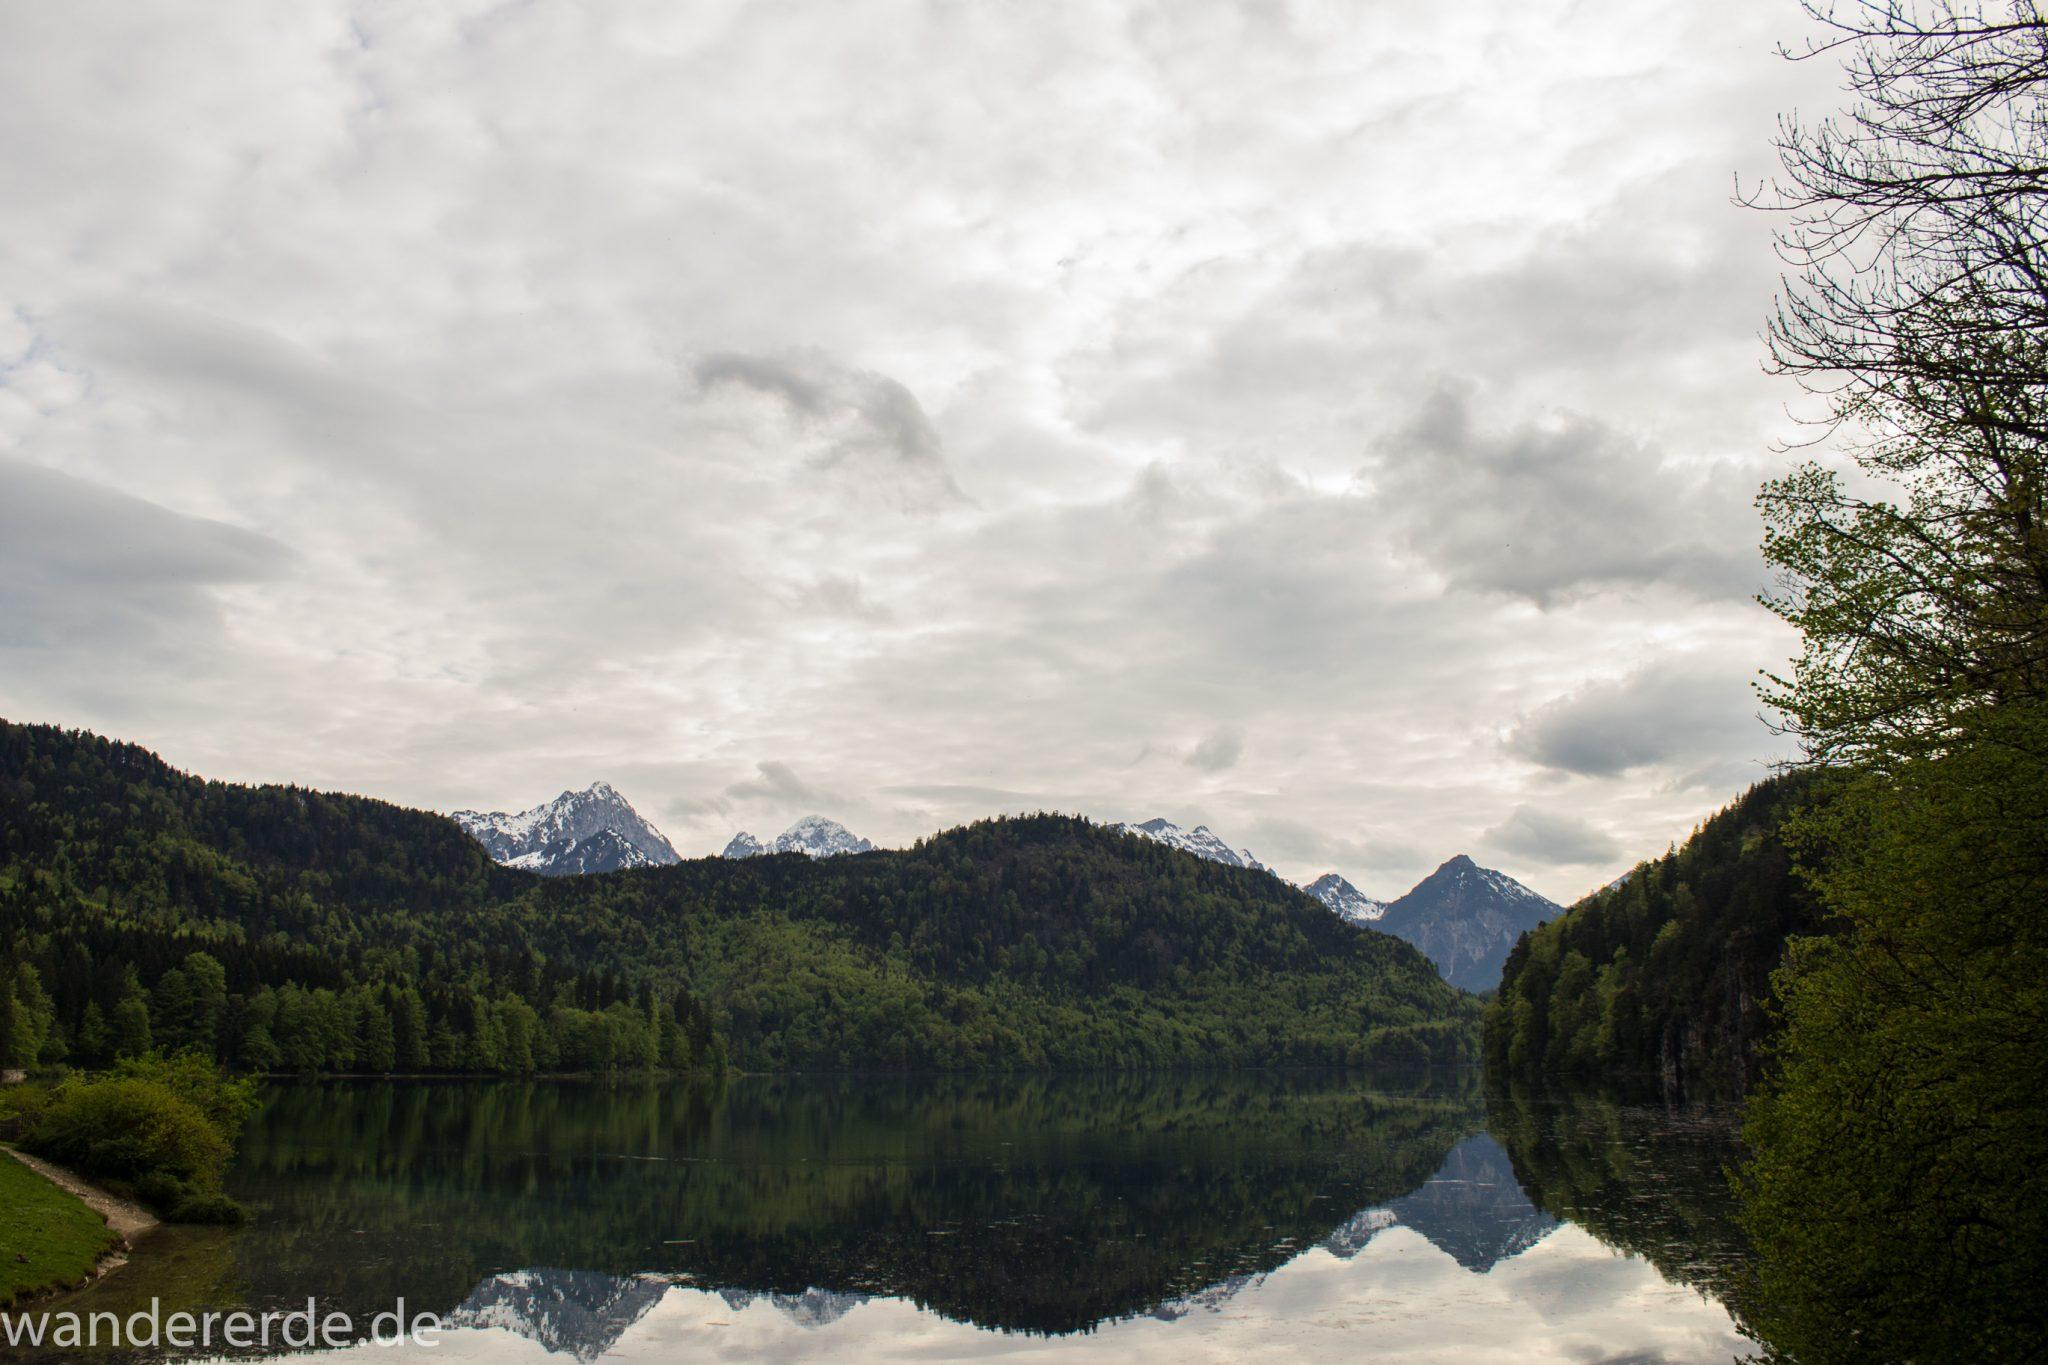 Alpsee bei Hohenschwangau, in der Nähe von Schloss Neuschwanstein, Aussicht auf Alpsee mit grünem Wald ringsrum, Laubbaum, Nadelbaum, dichte Bewölkung, Umgebung spiegelt sich im See, Rundwanderweg um den Alpsee, Bergkette in der Ferne